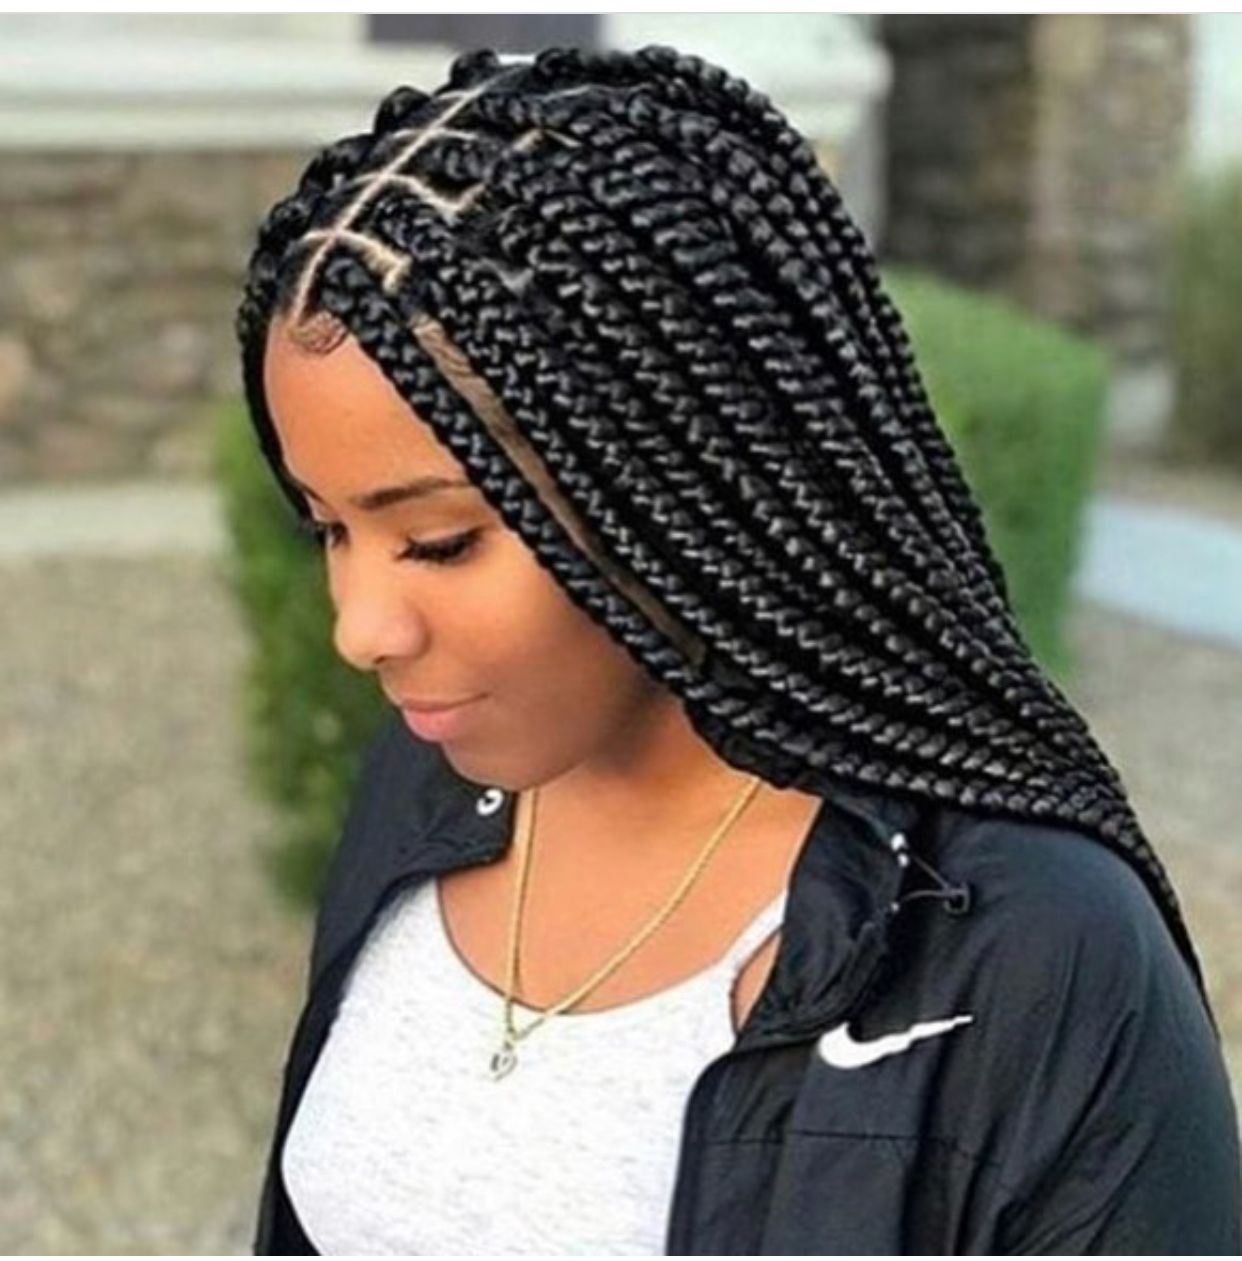 BEST Braided Hairstyles 2021 hairstyleforblackwomen.net 30